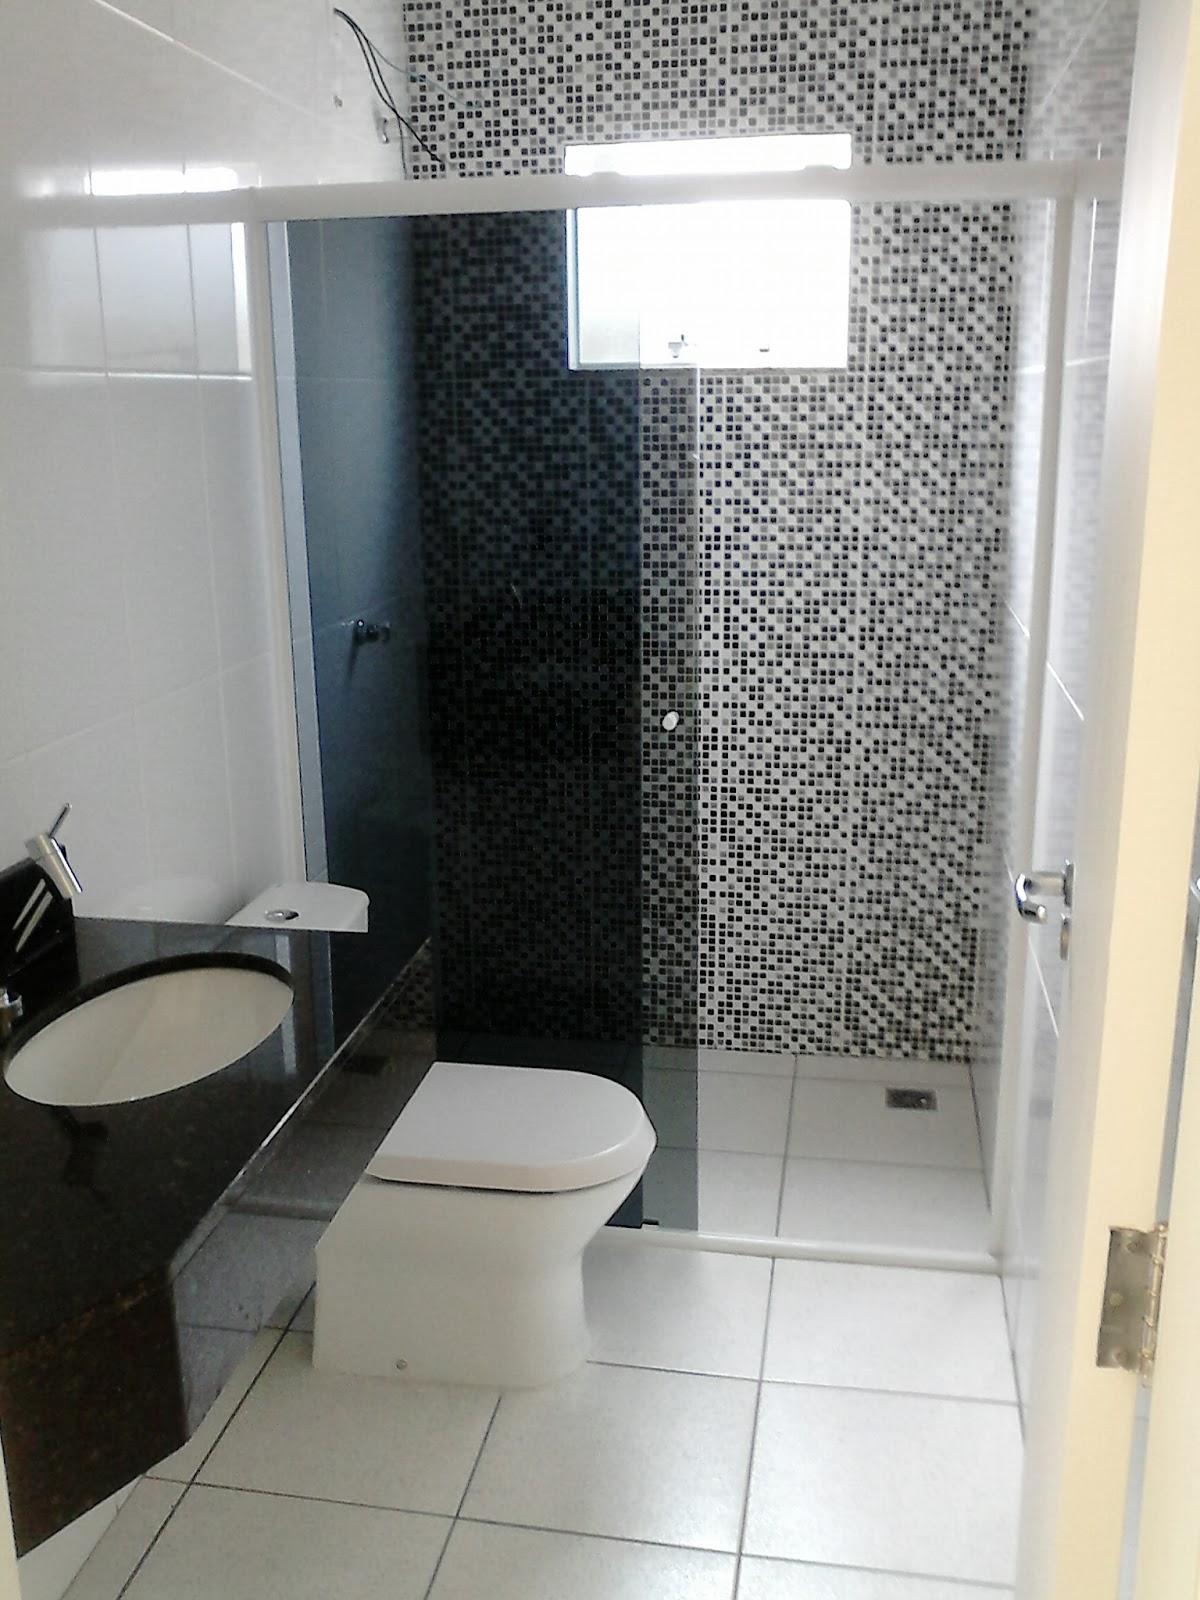 Imagens de #434F5B Odisseia Habitacional: Banheiros prontos e limpos 1200x1600 px 3698 Banheiros Prontos Fotos